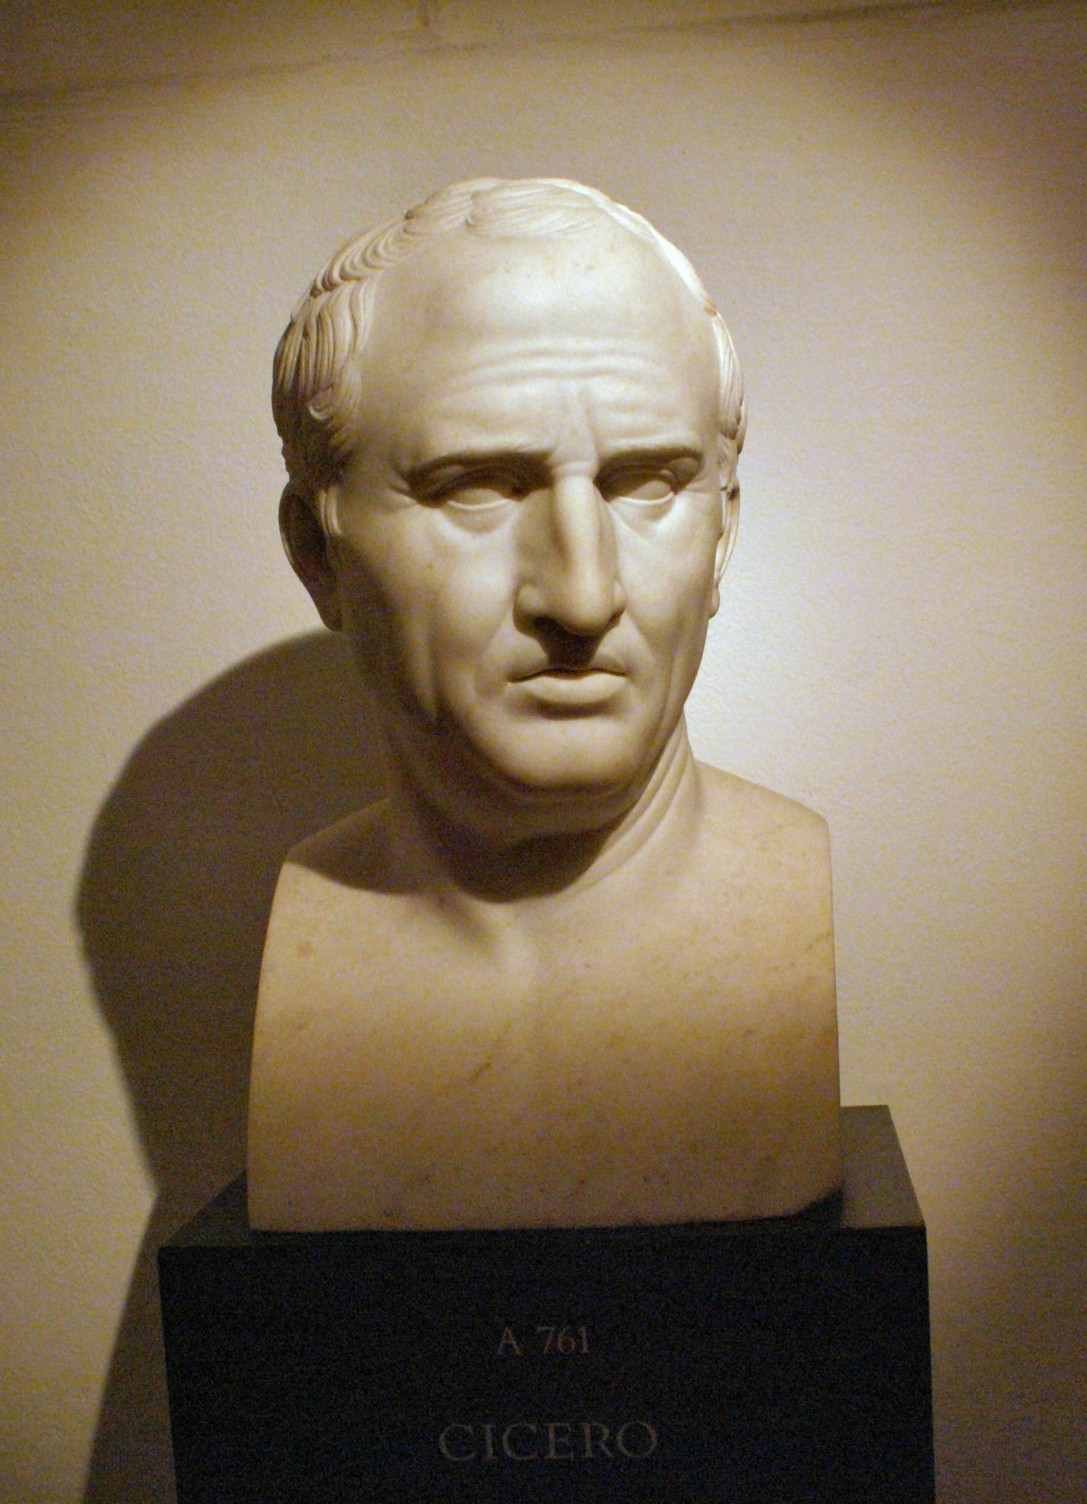 <em>Cicéron</em>, par Bertel Thorvaldsen, copie d'un buste antique, marbre, 1799-1800, Thorvaldsens Museum, Copenhague. Photographie de Gunnar Bach Pedersen.